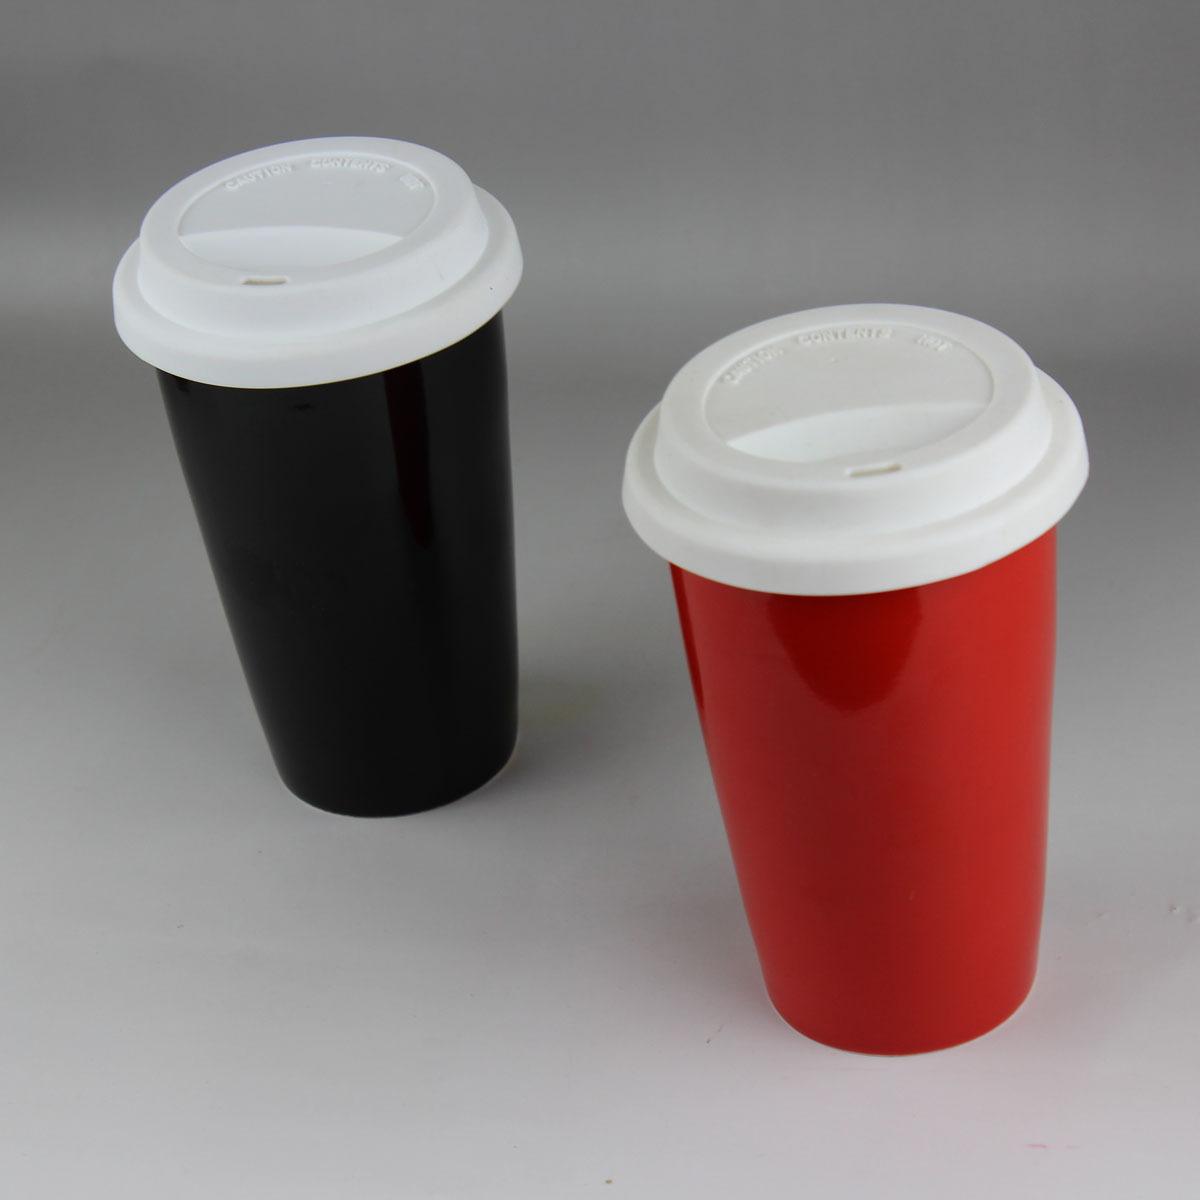 双层隔热,城市风景杯,定制杯,广告杯,个人杯,促销礼品